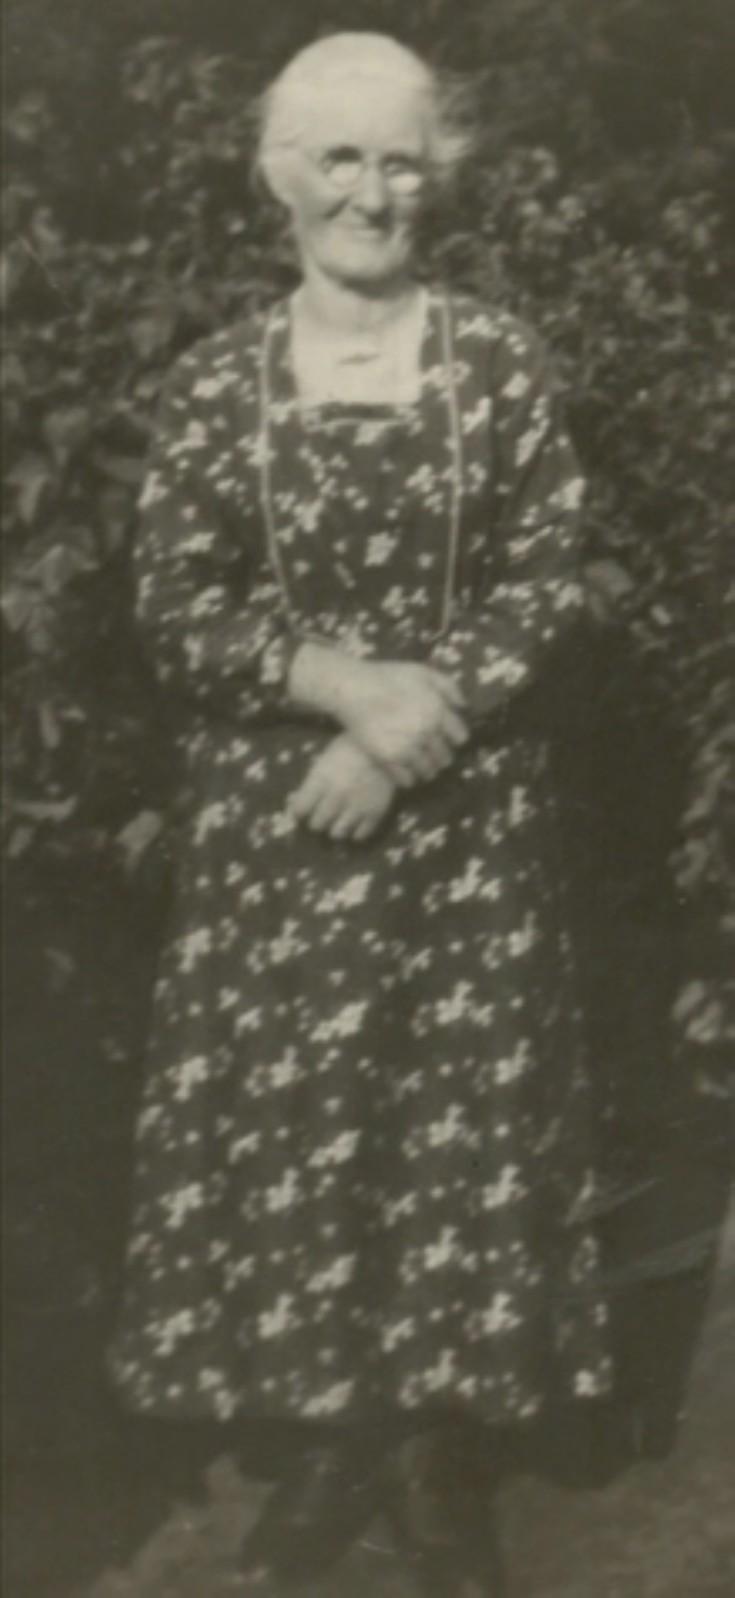 Roseabelle Yorston